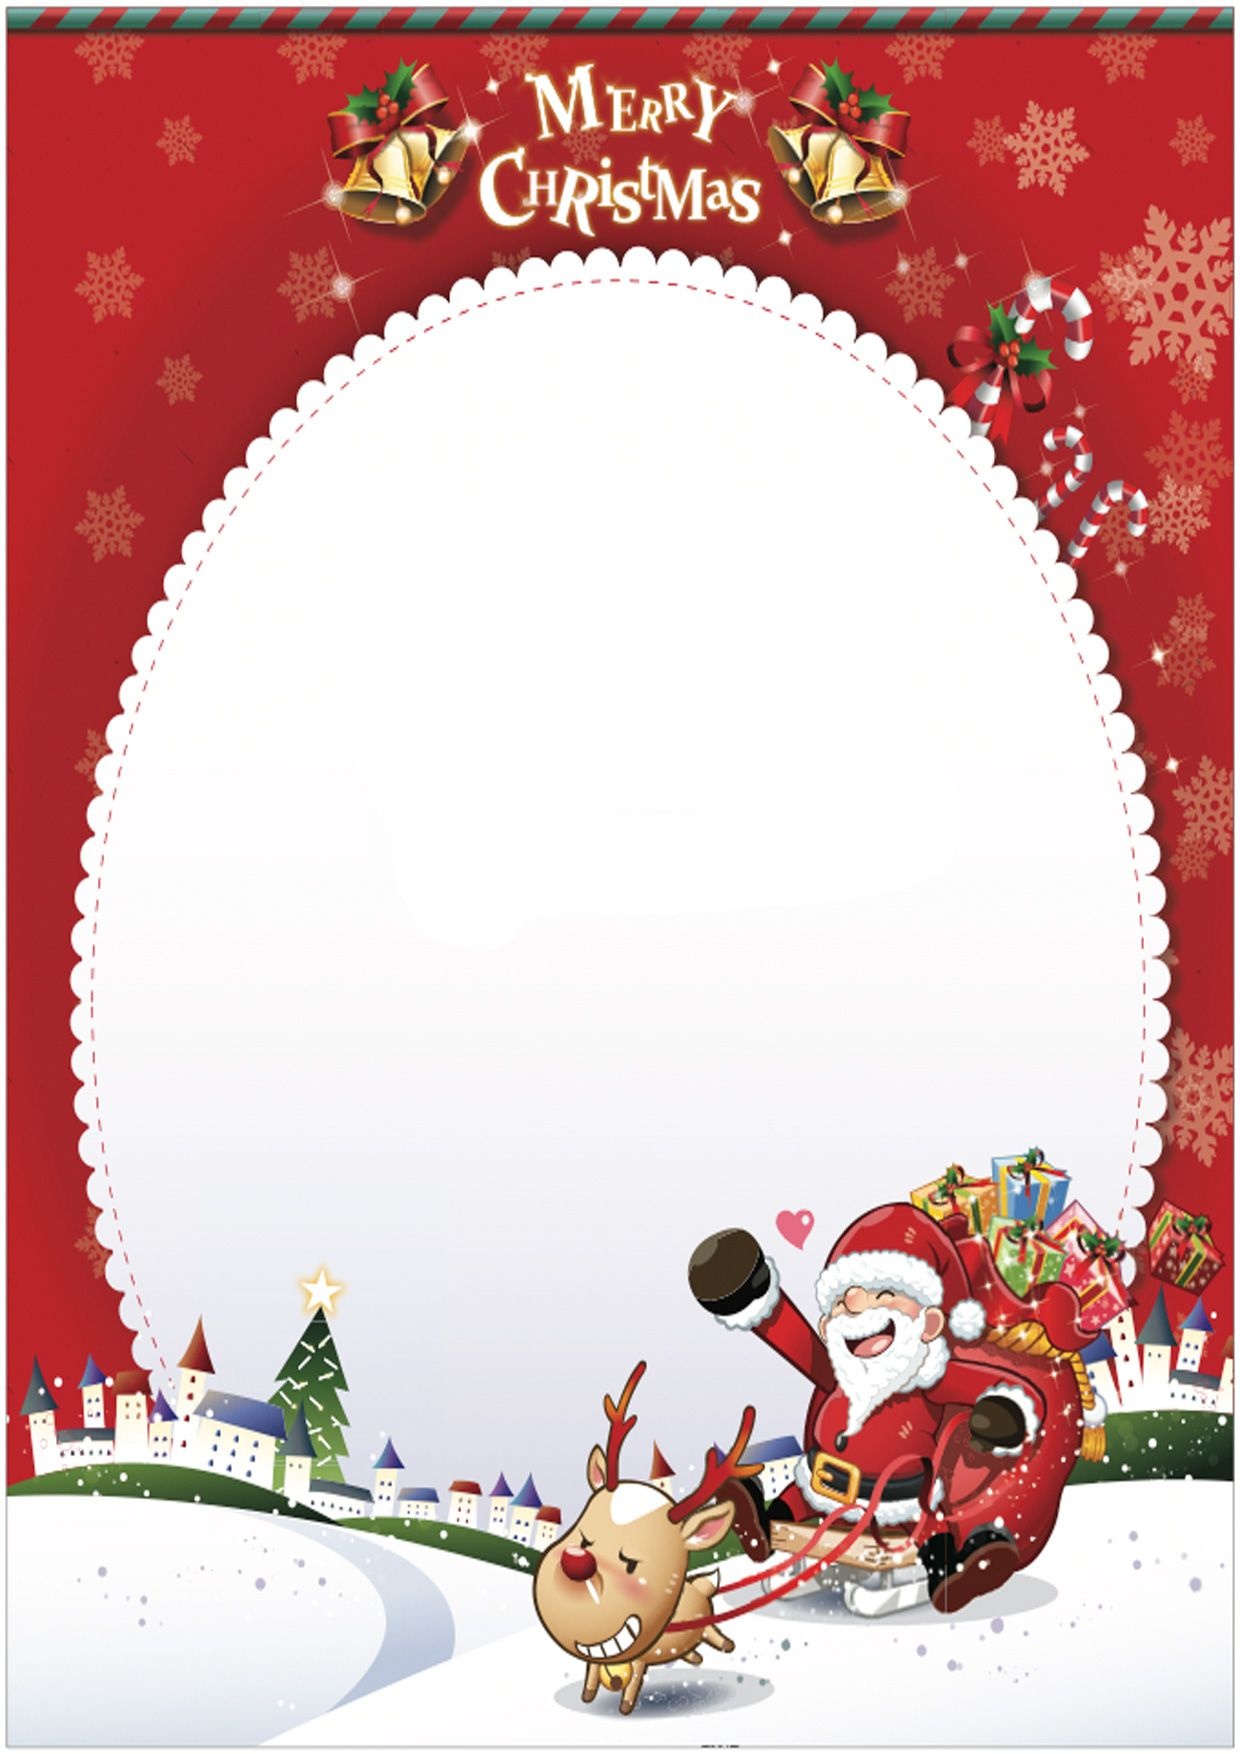 Immagini Di Natale Da Stampare Gratis.Modelli Di Lettera A Babbo Natale Da Stampare Gratis